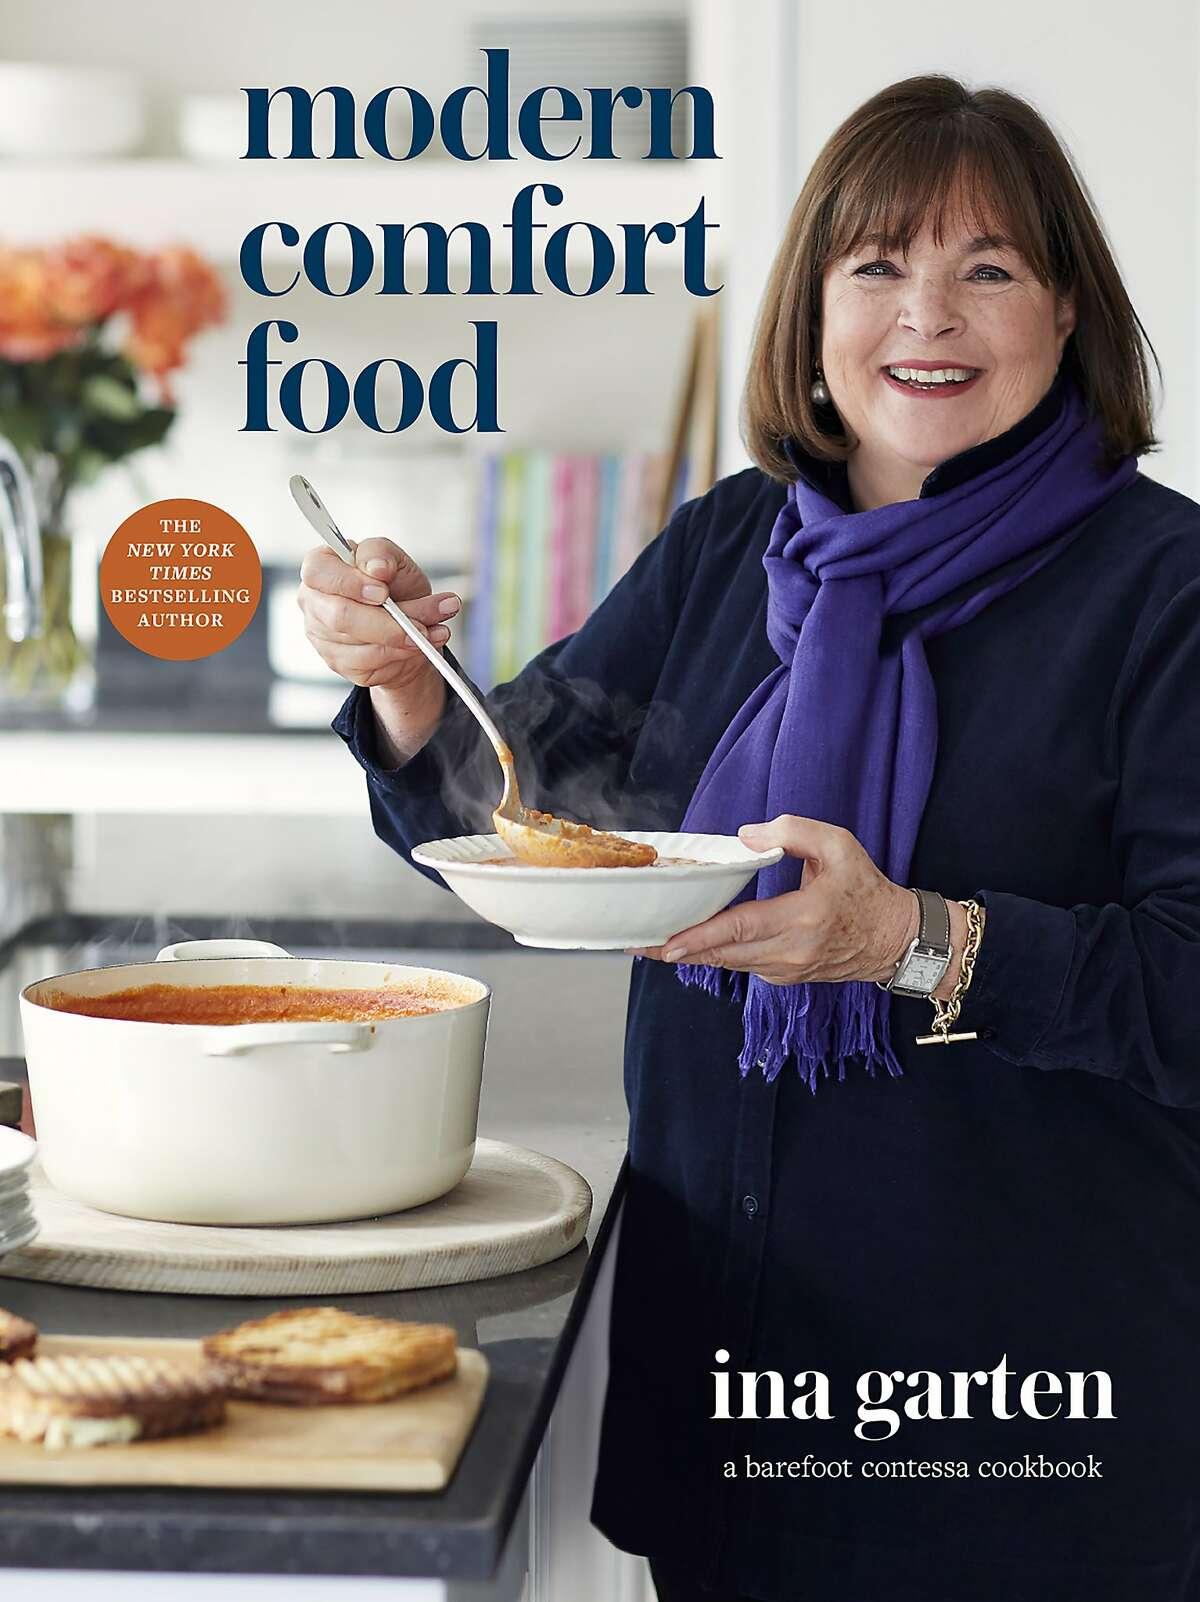 Ina Garten's 2020 cookbook